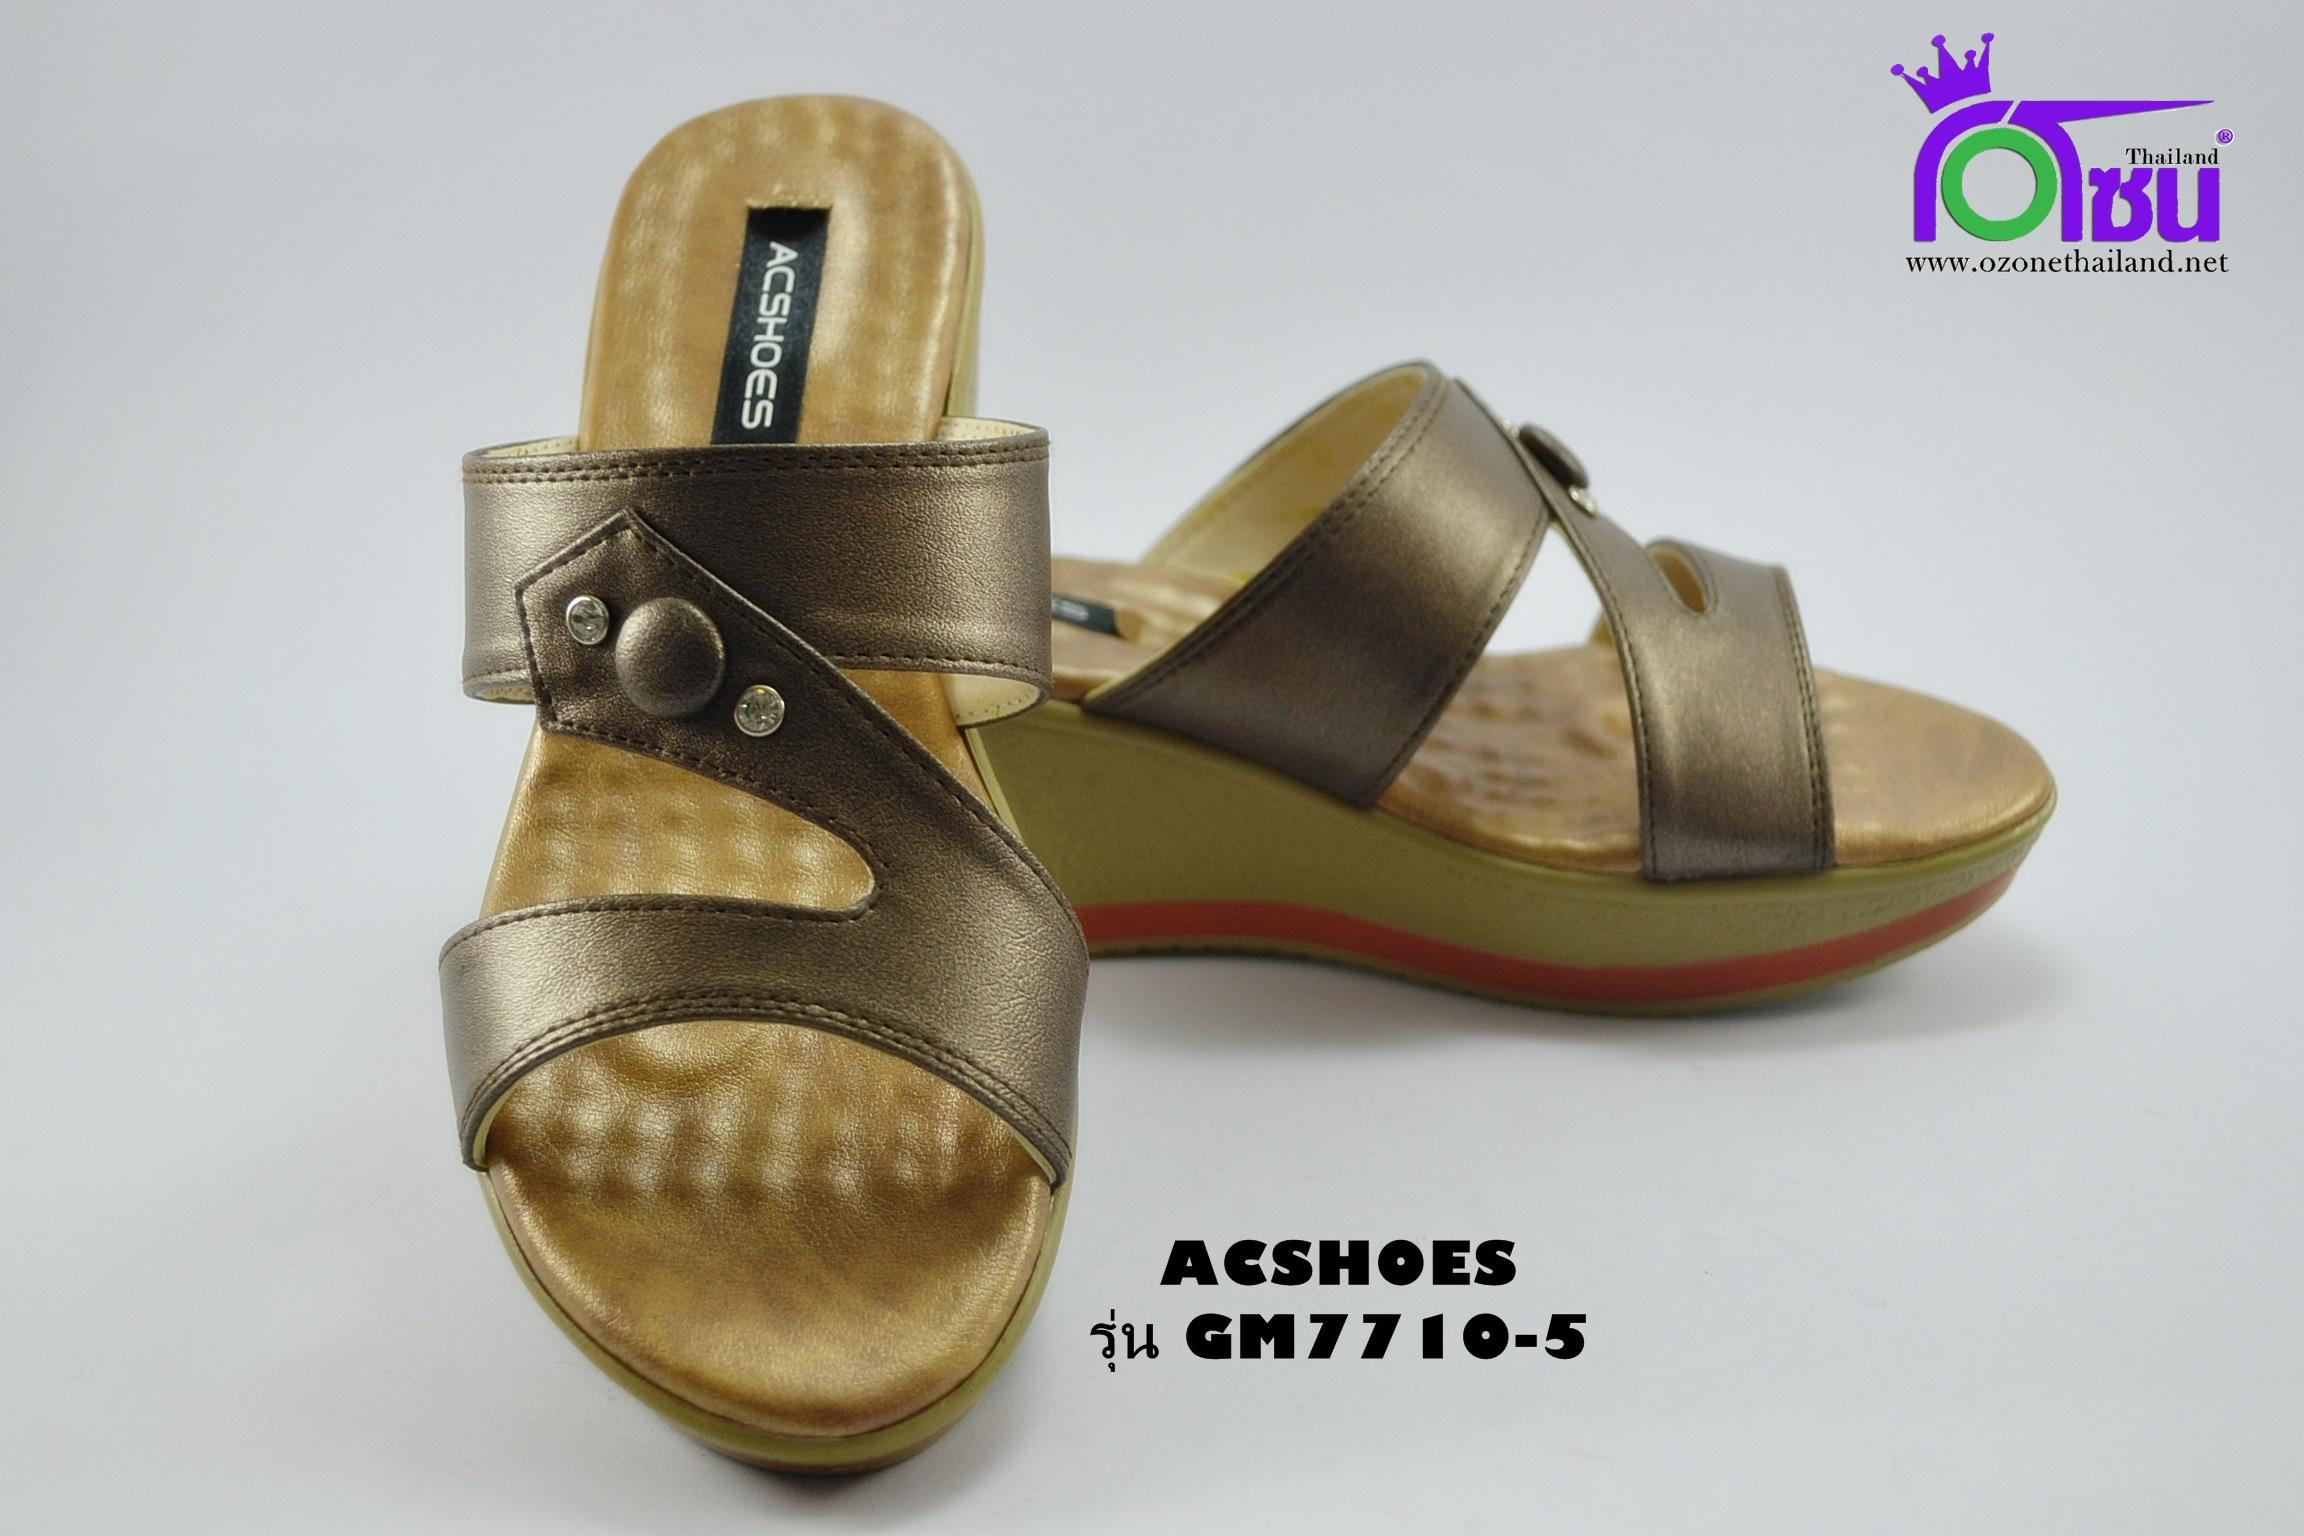 รองเท้าแฟชั่น (PU)หญิง รุ่นGM7710-5 เบอร์ 36-40 สีเทา